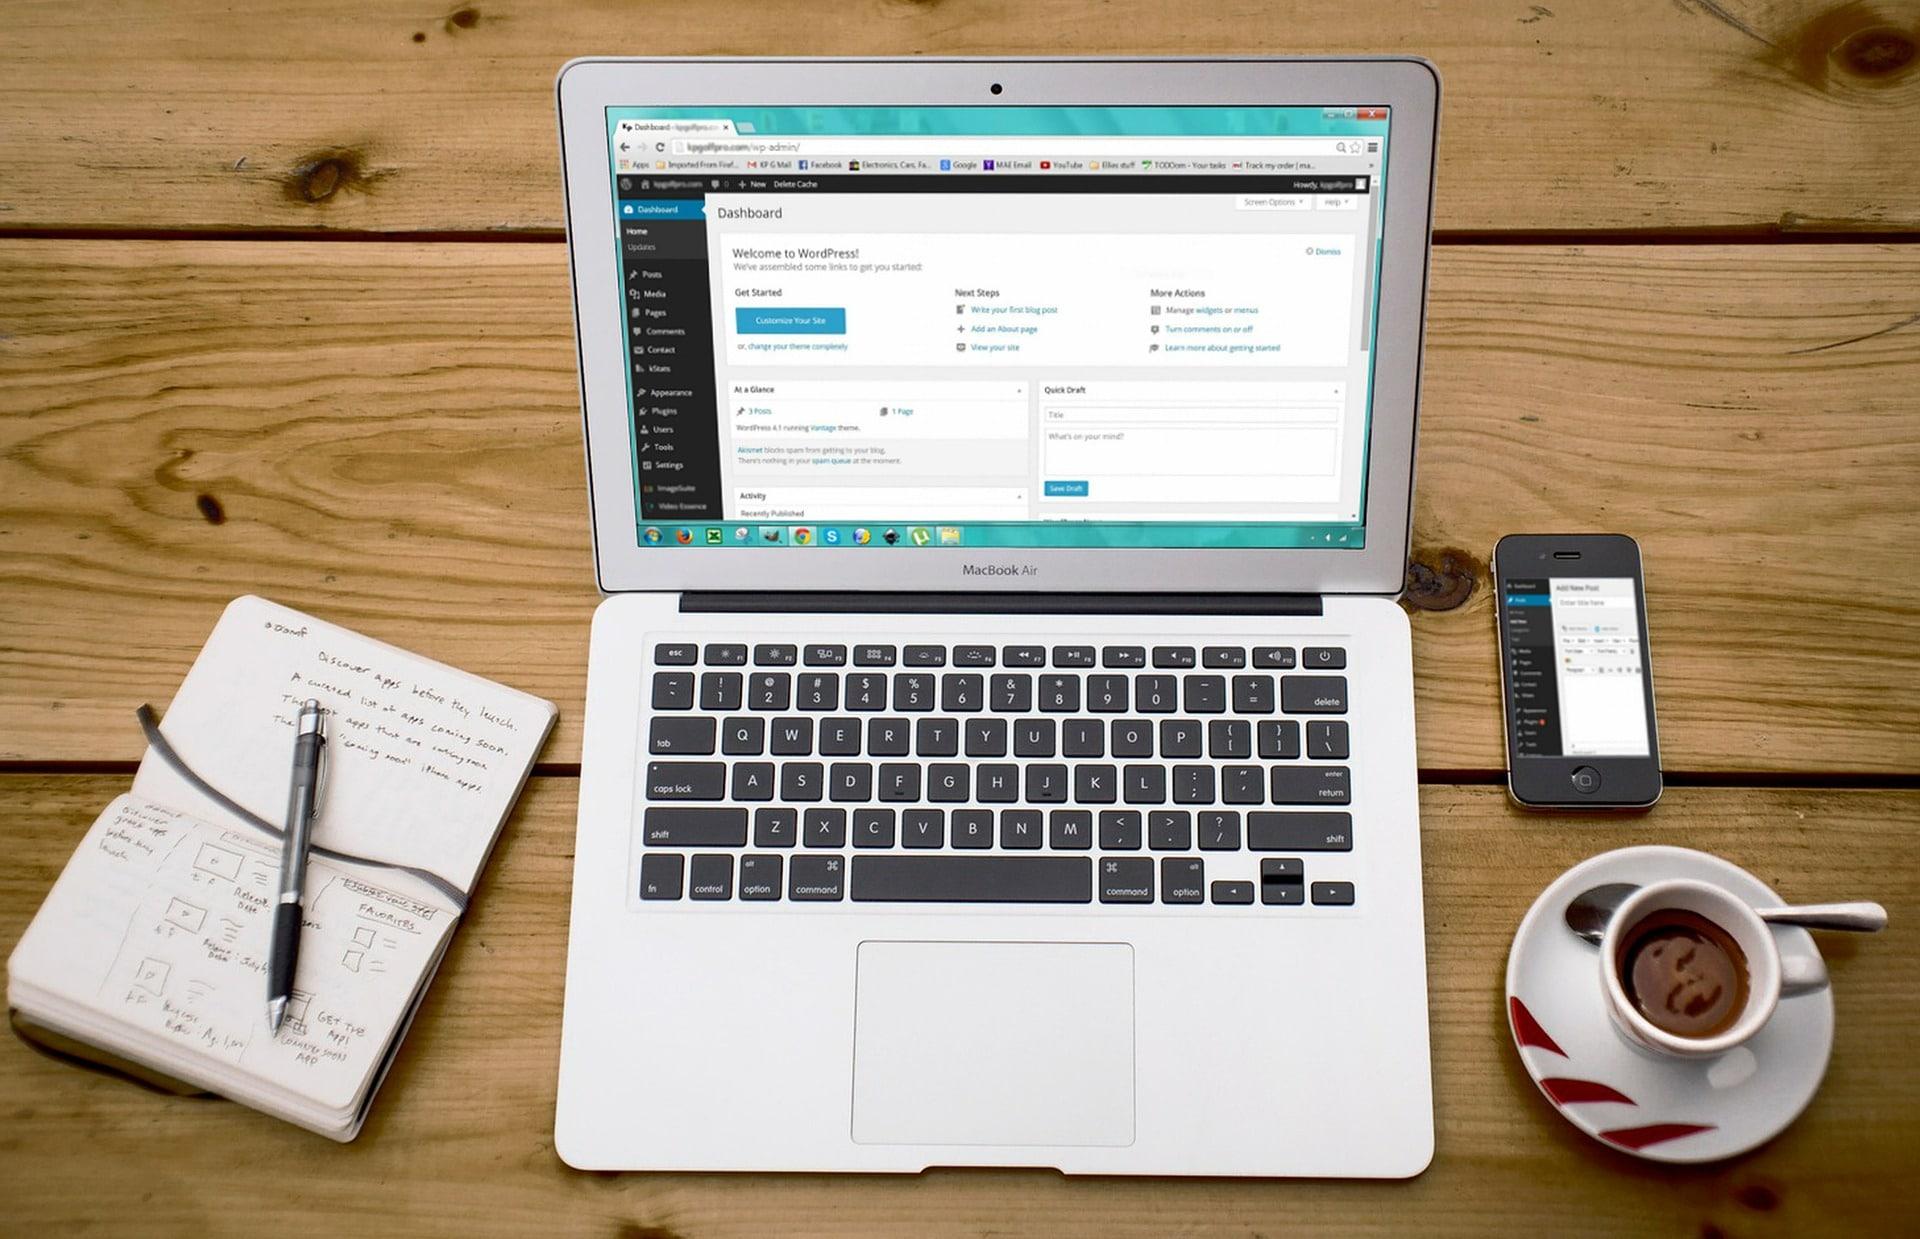 Un PC portable ouvert sur le panel administration de Wordpress, un café crème, un smartphone ouvert aussi sur le panel de wordpress et un carnet de note.